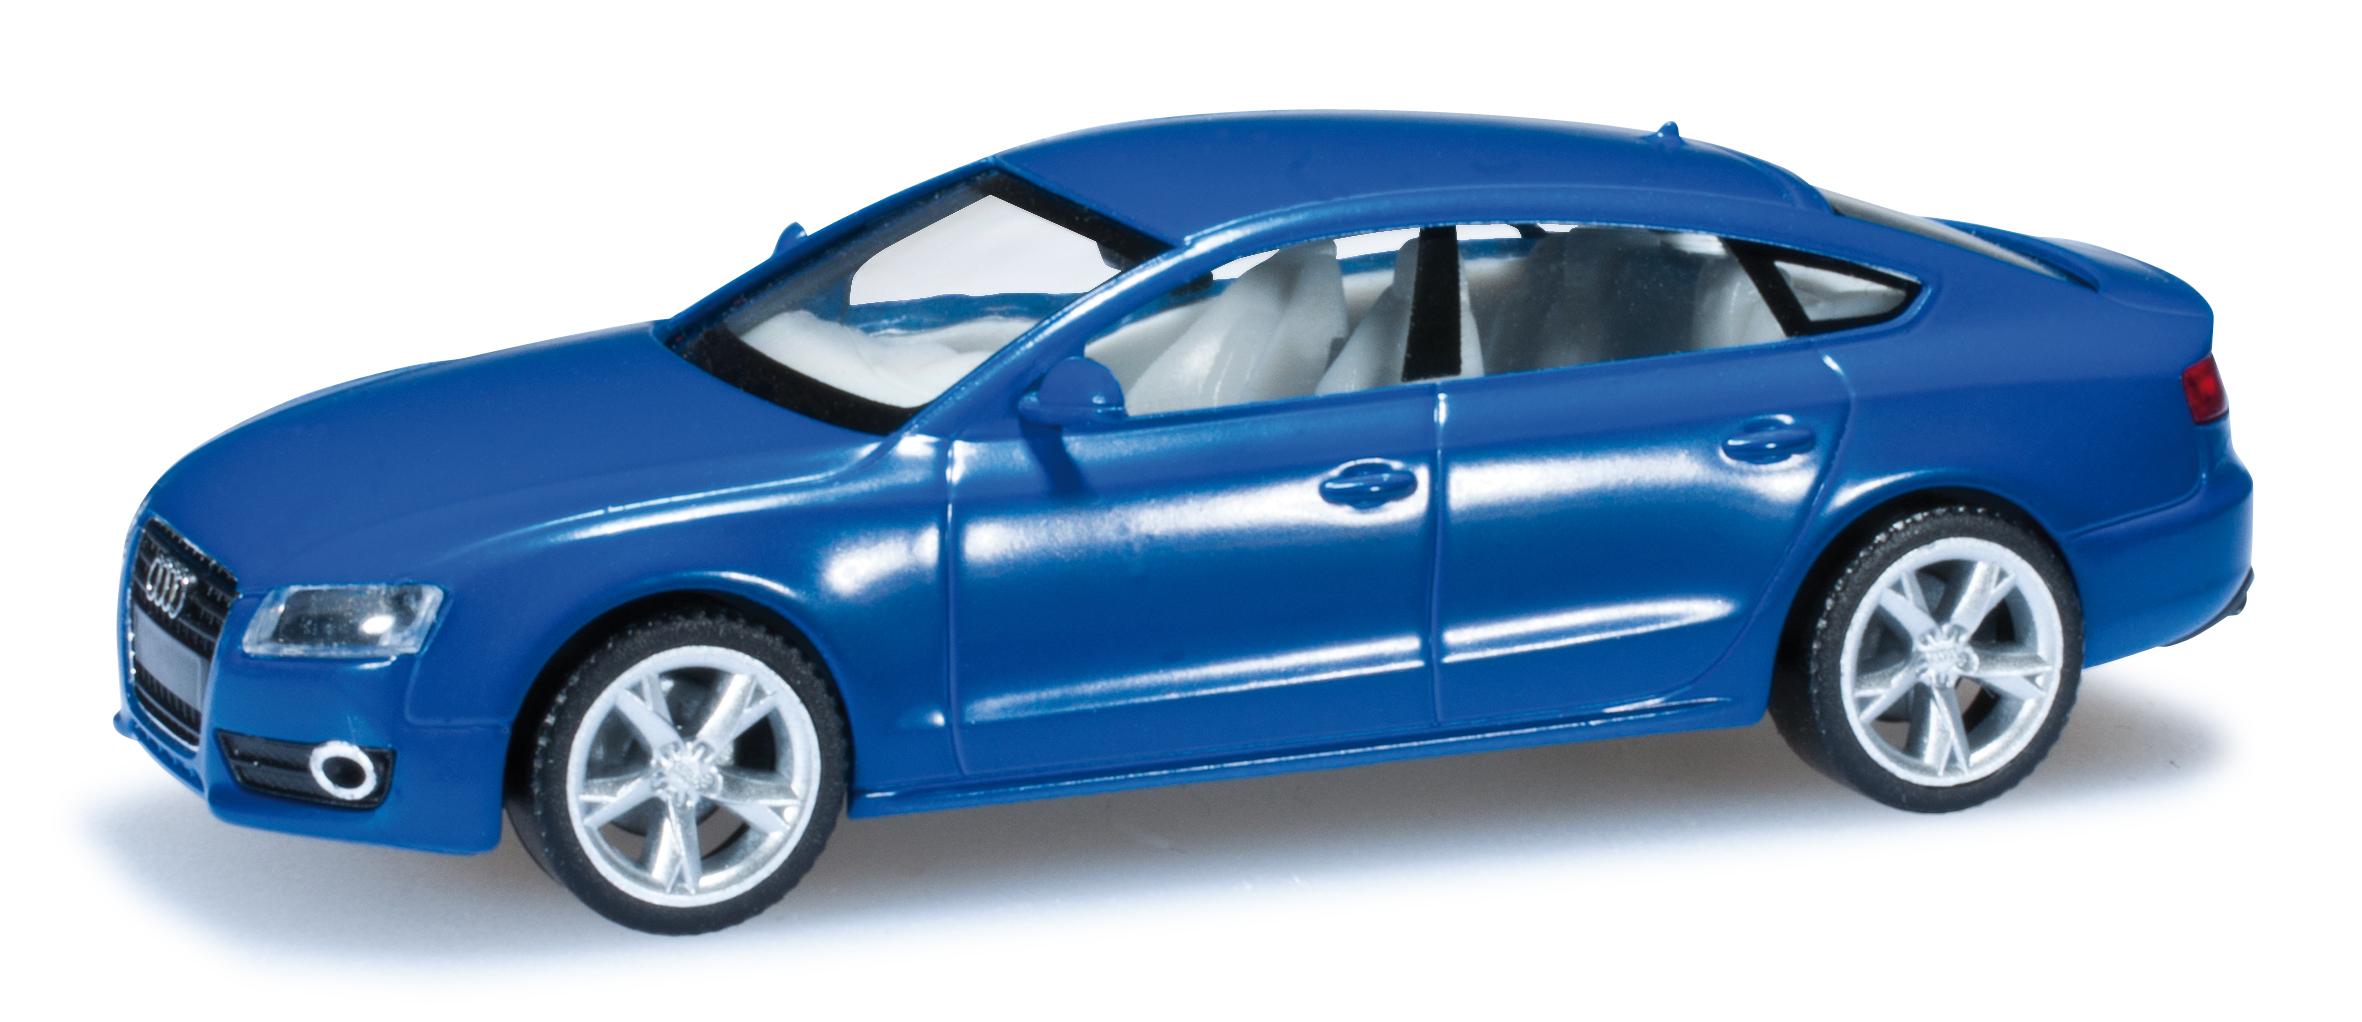 audi a5 sportback kobaltblau modellj rnv g rc. Black Bedroom Furniture Sets. Home Design Ideas